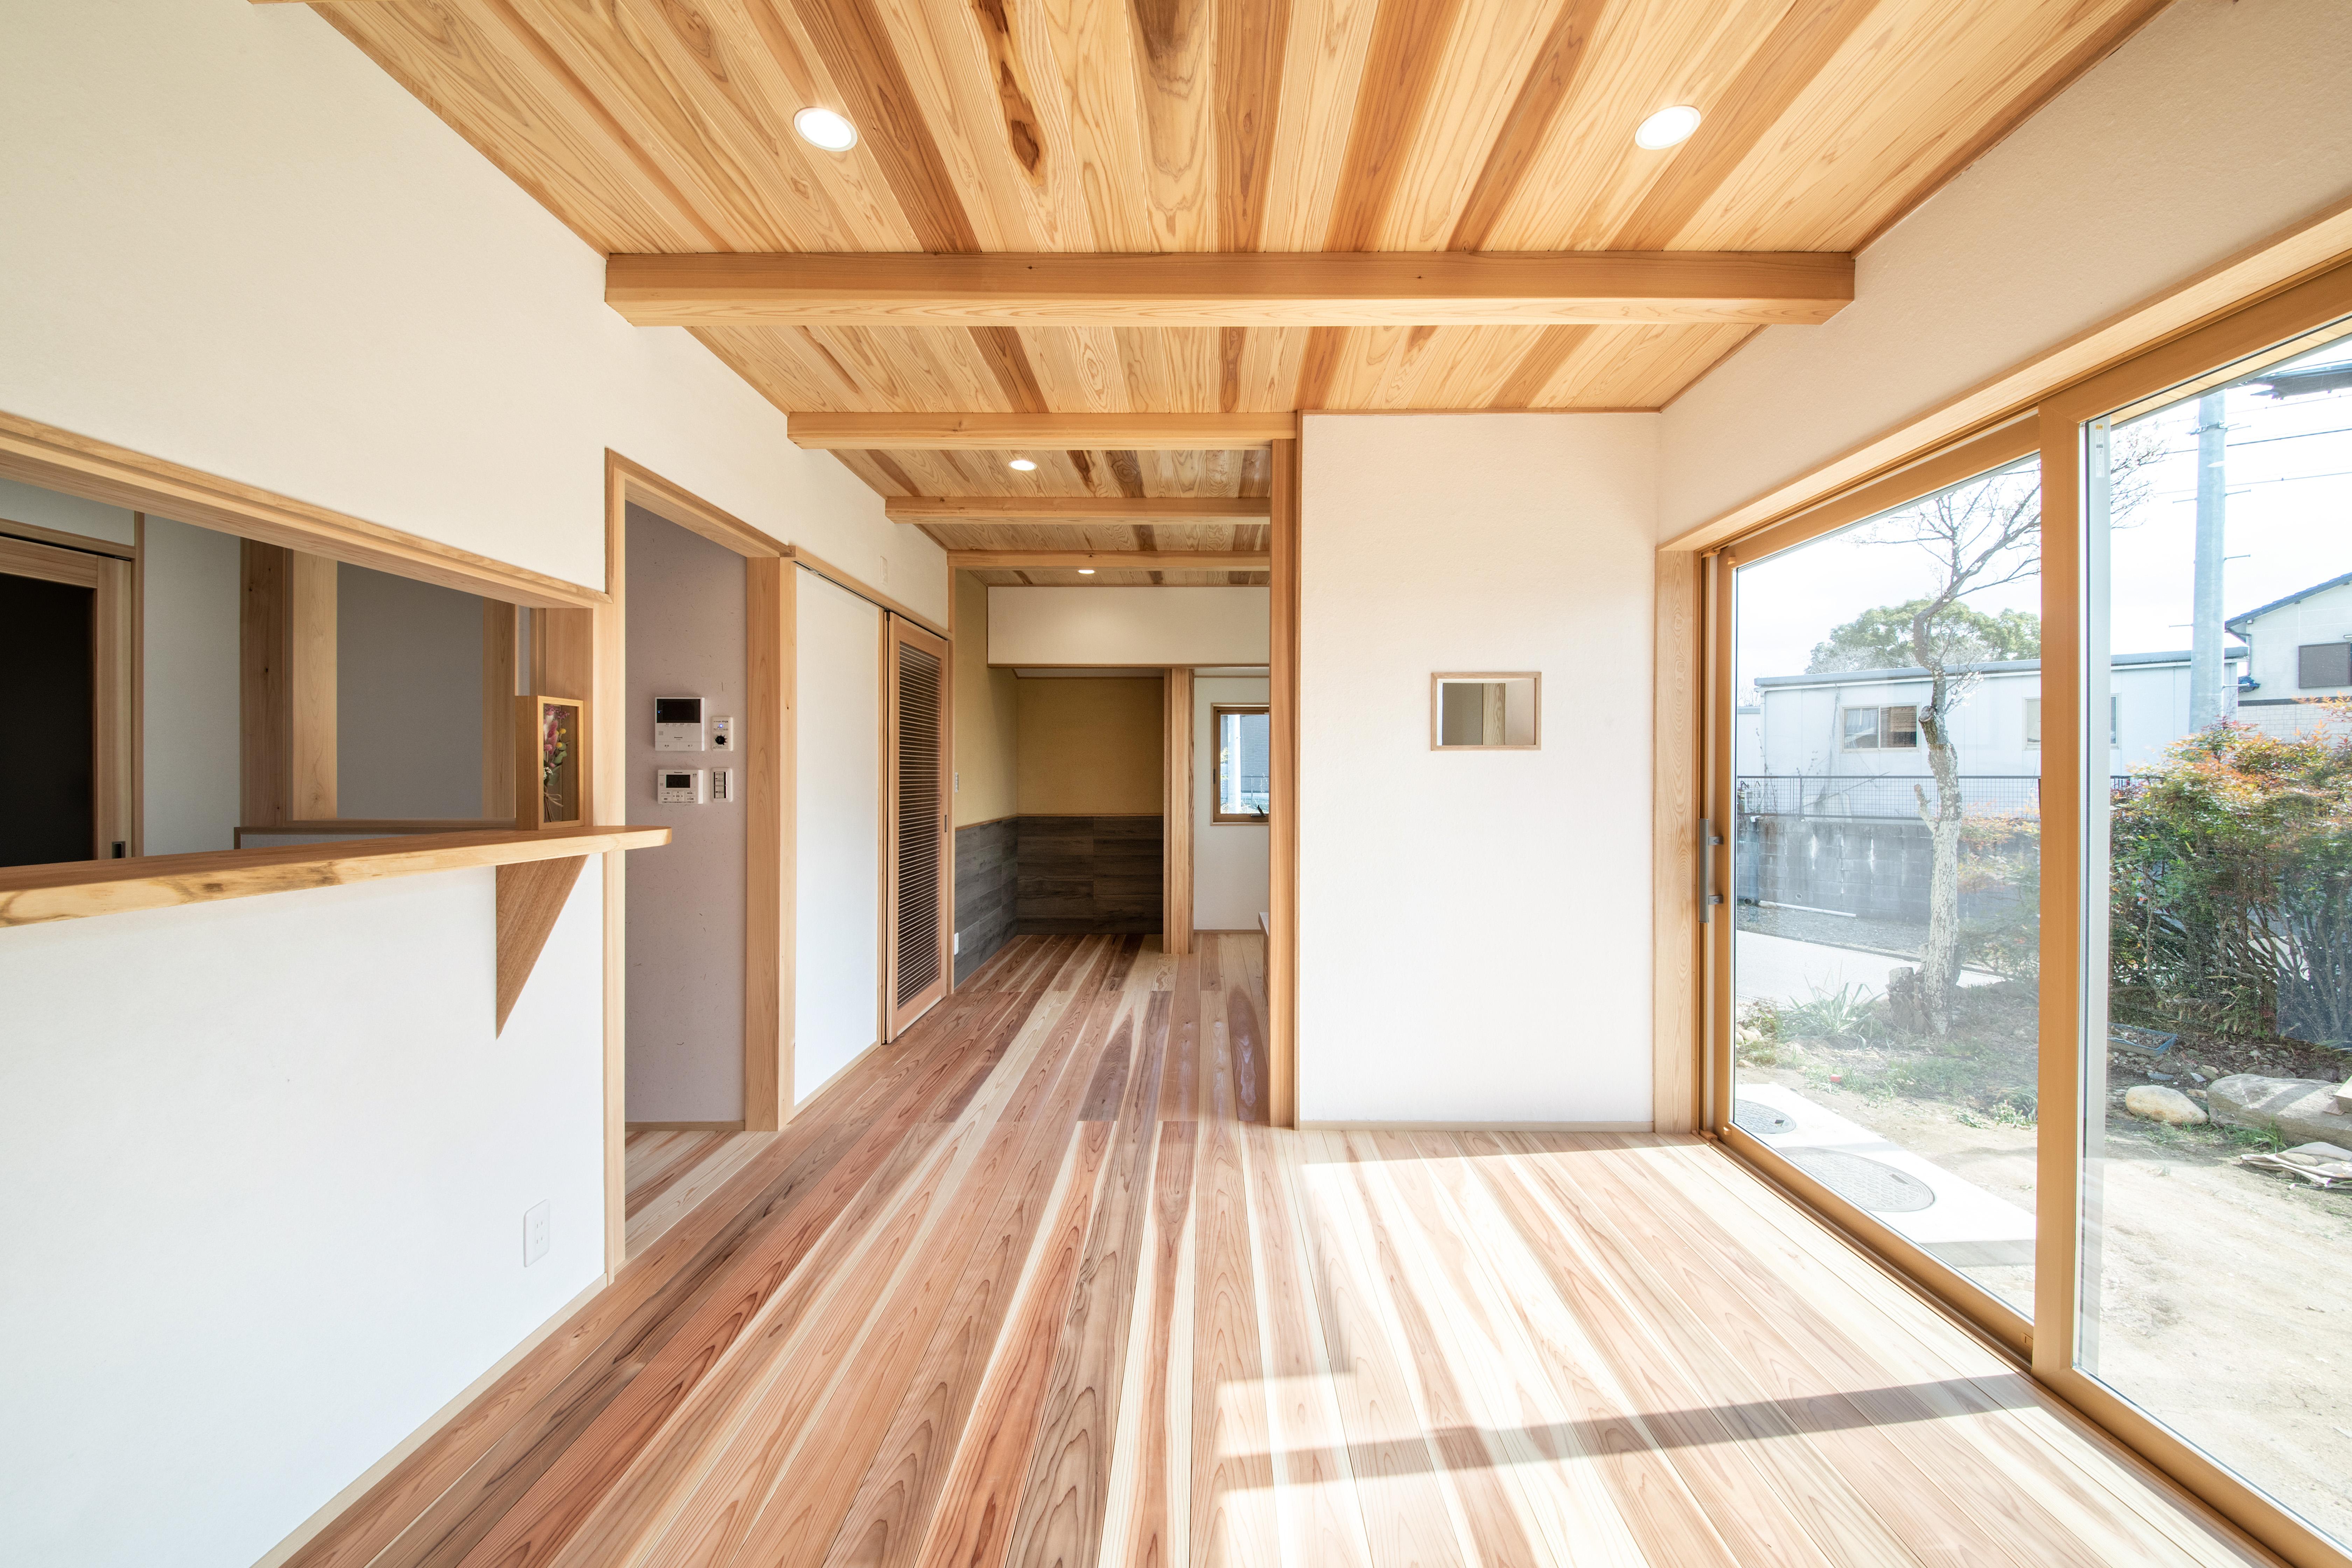 浅井住宅のイメージ